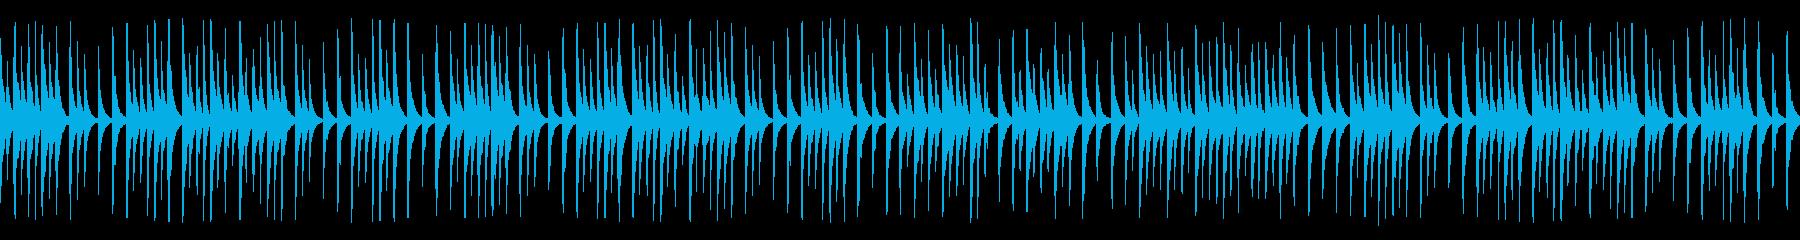 料理や教育教養系動画に合う木琴(ループの再生済みの波形